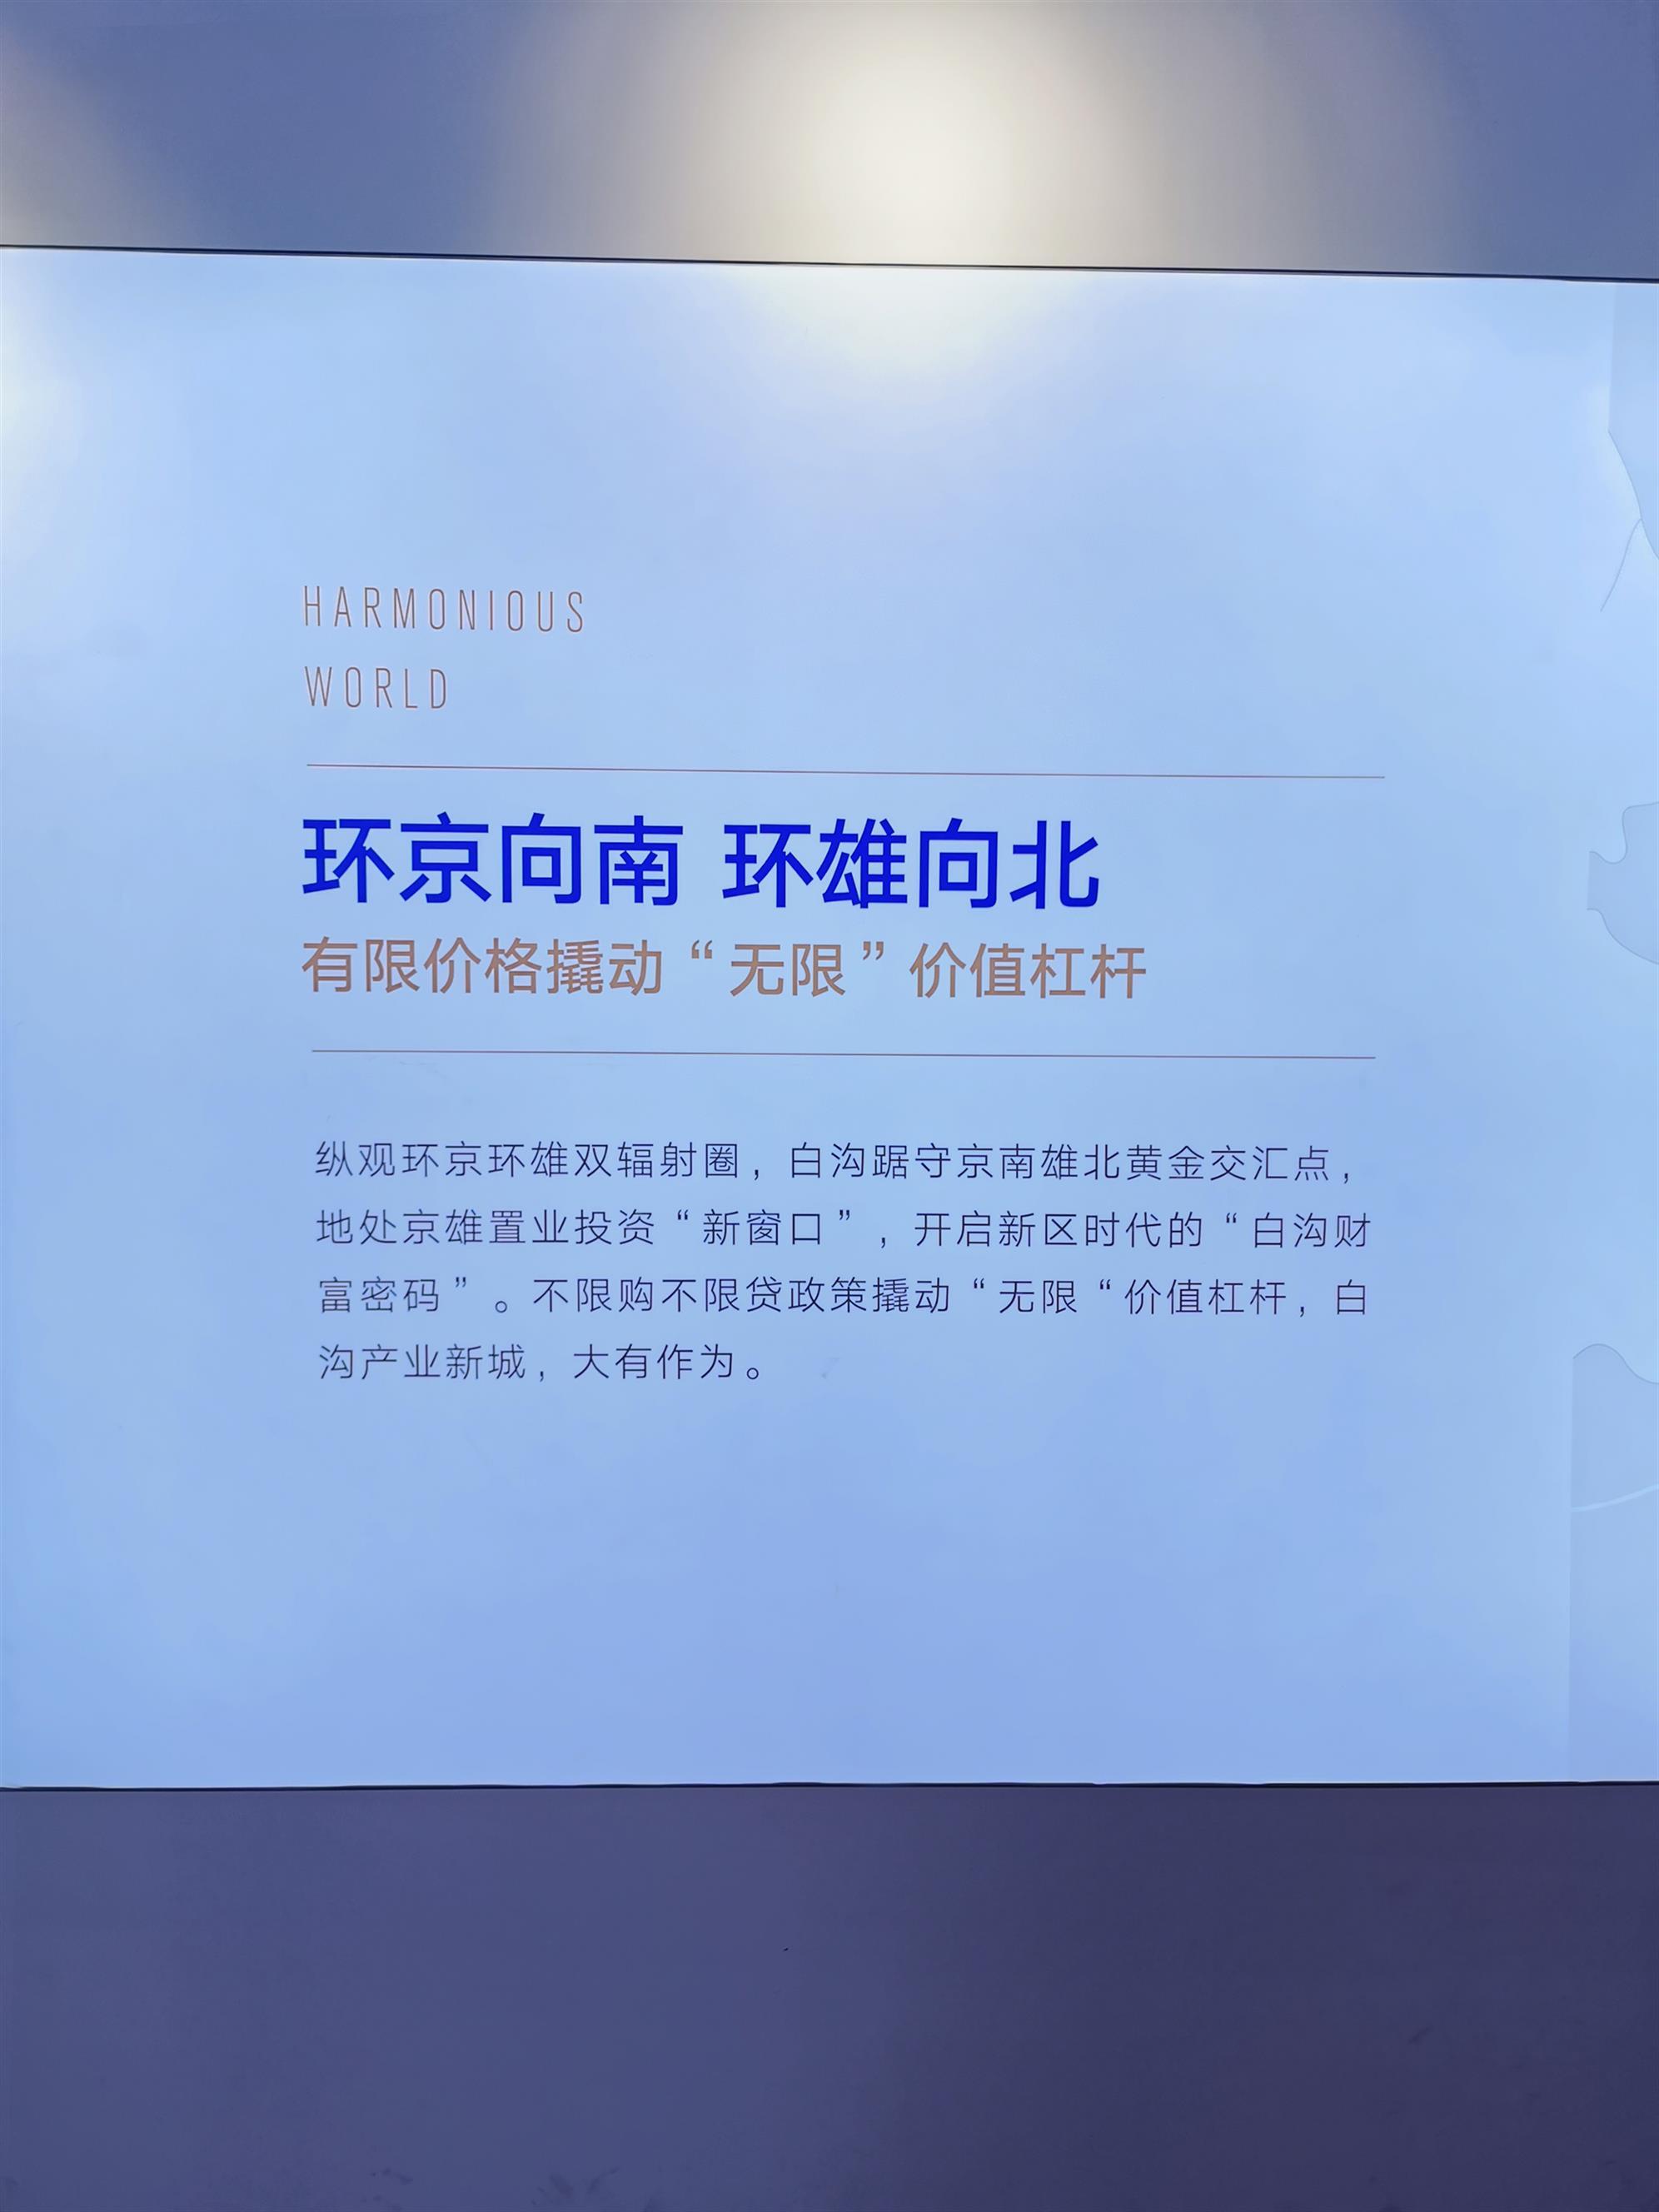 河北京雄世贸港悦享谷楼盘